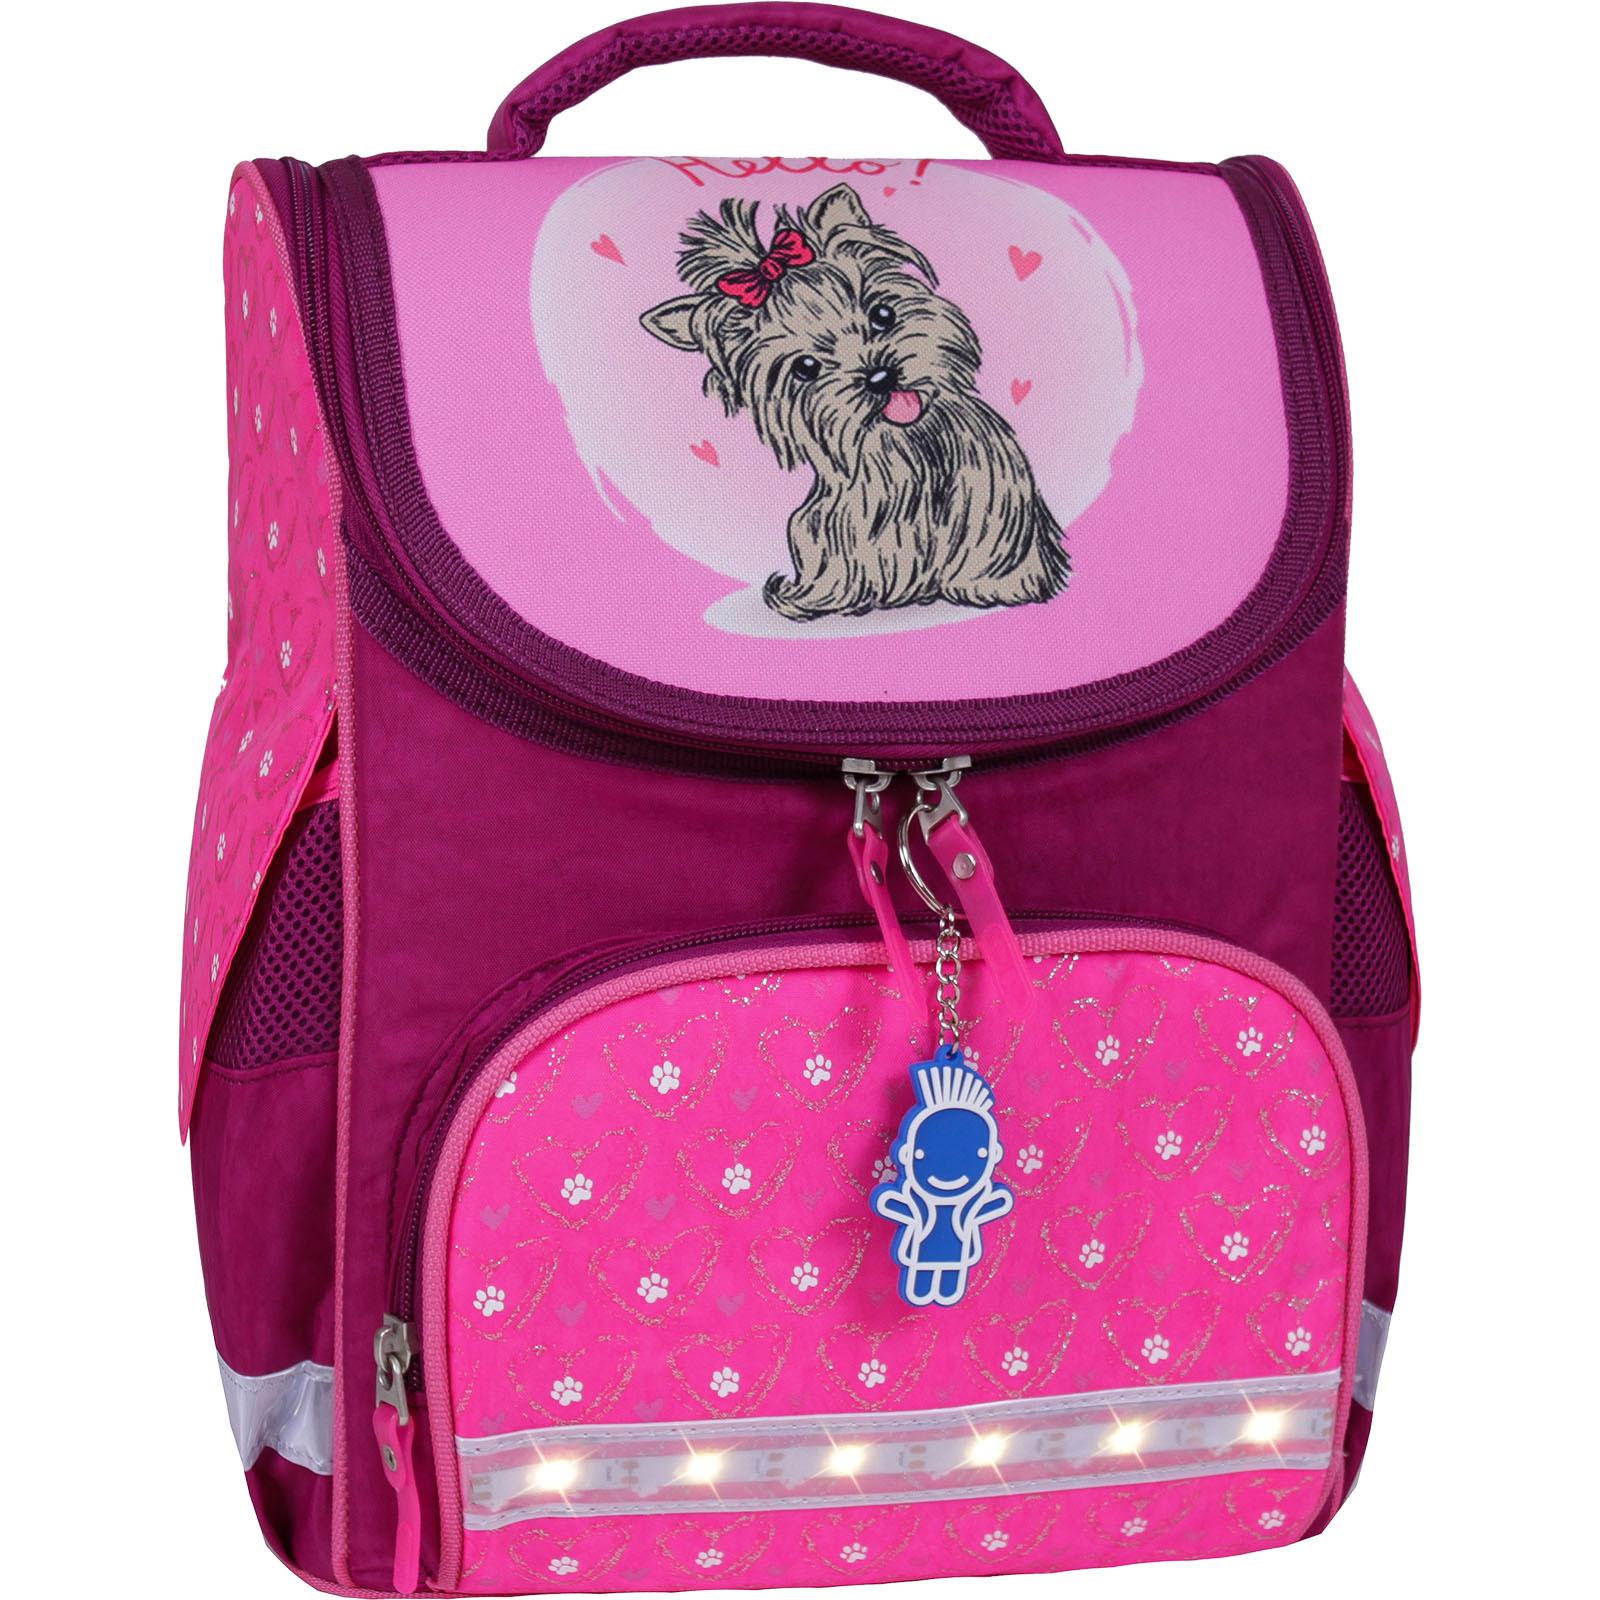 Школьные рюкзаки Рюкзак школьный каркасный с фонариками Bagland Успех 12 л. малиновый 167 (00551703) IMG_7427-1600.jpg